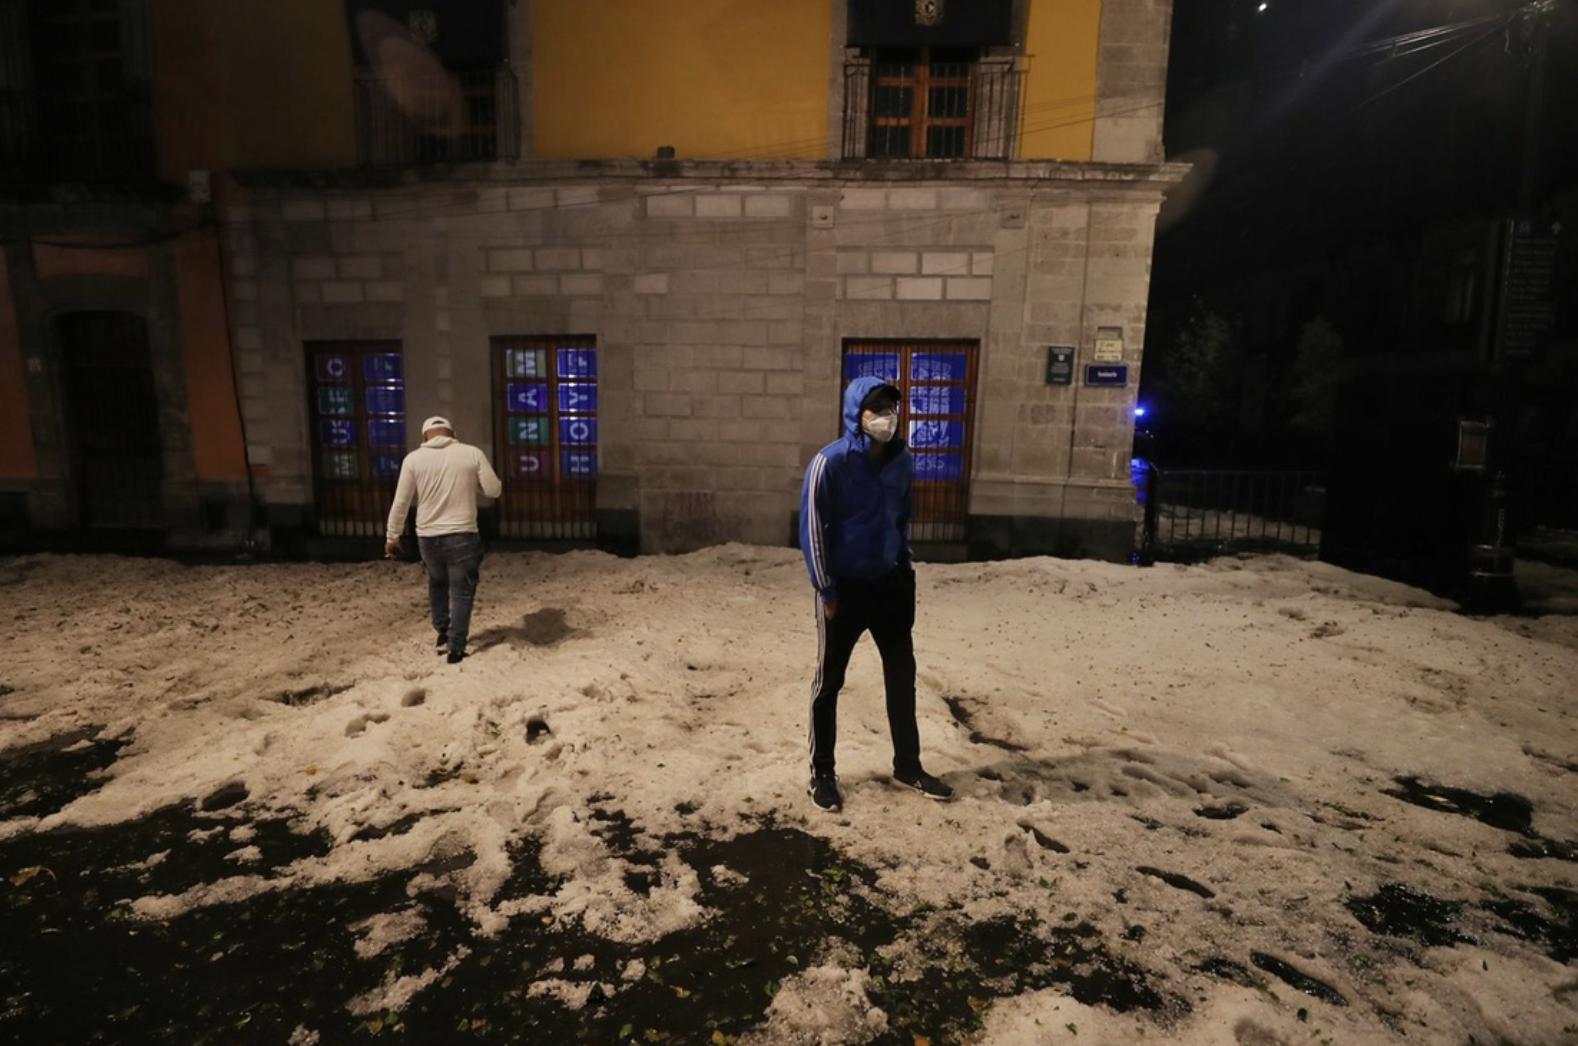 Calles del Centro Histórico de la Ciudad de México quedaron tapizadas por el granizo y algunos encharcamientos por la tormenta de ayer. Foto Marco Peláez